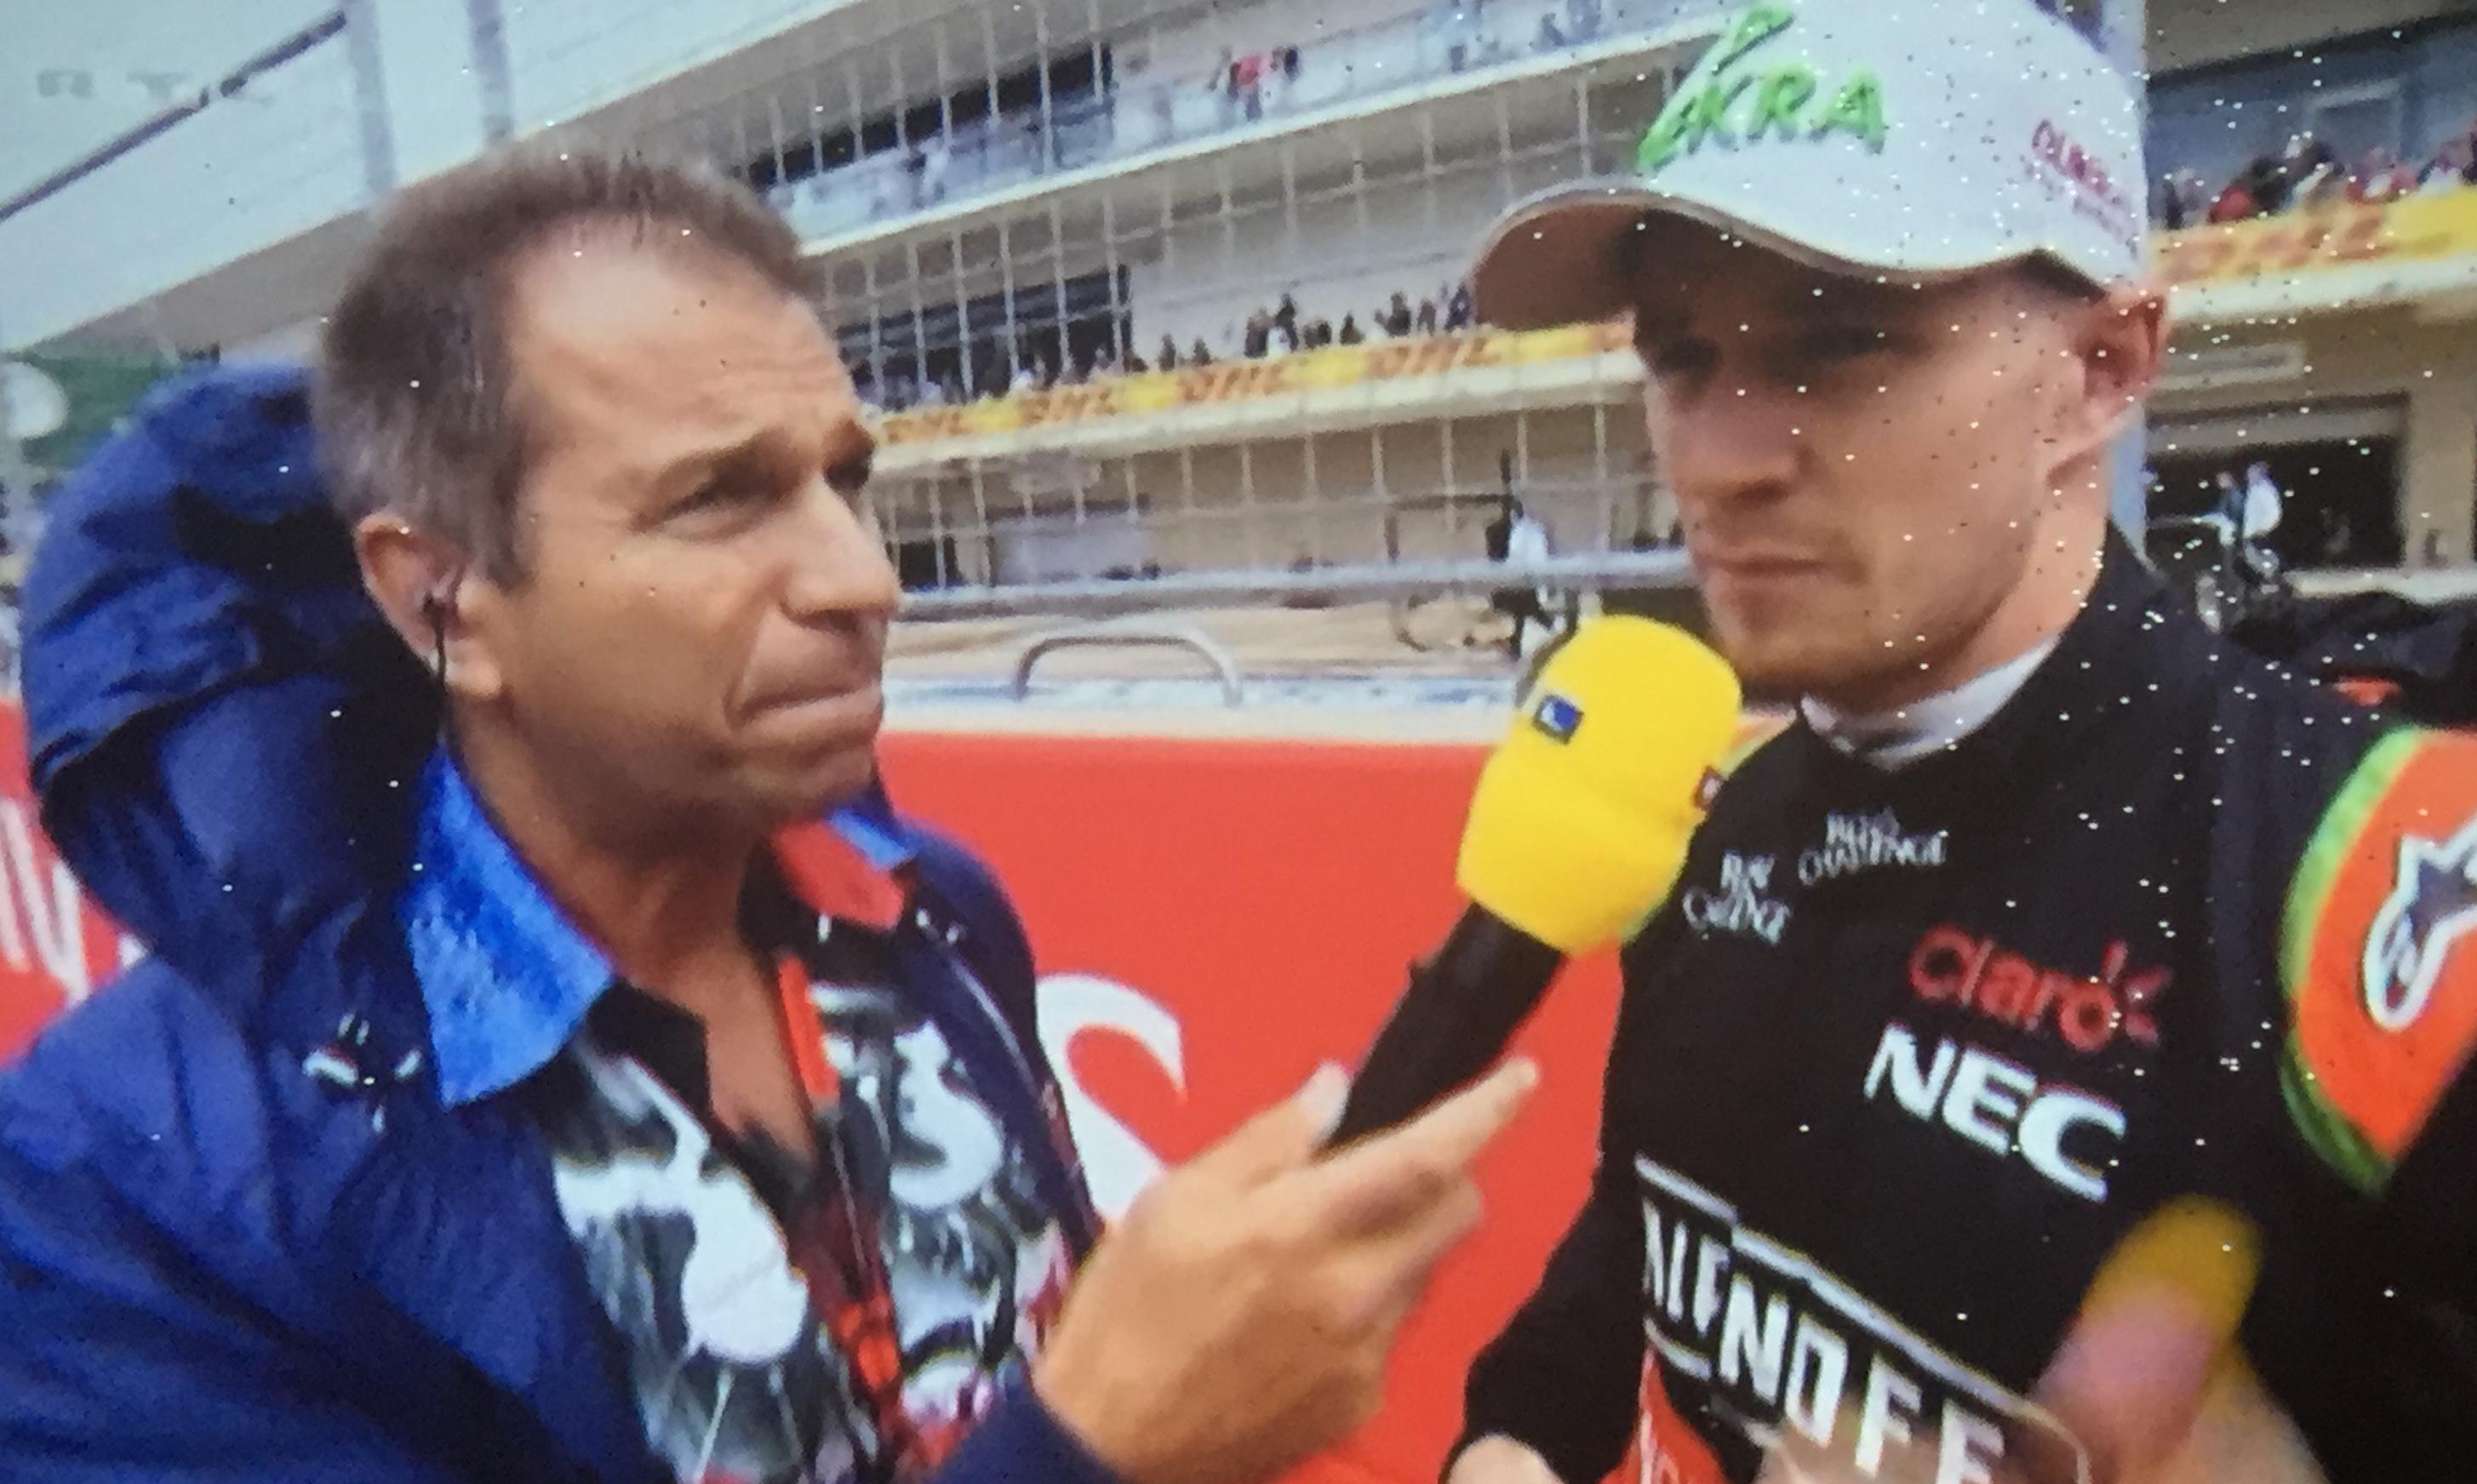 Kai Ebel im Interview mit Nico Hülkenberg während der Formel 1 in Austin, USA, 2015.